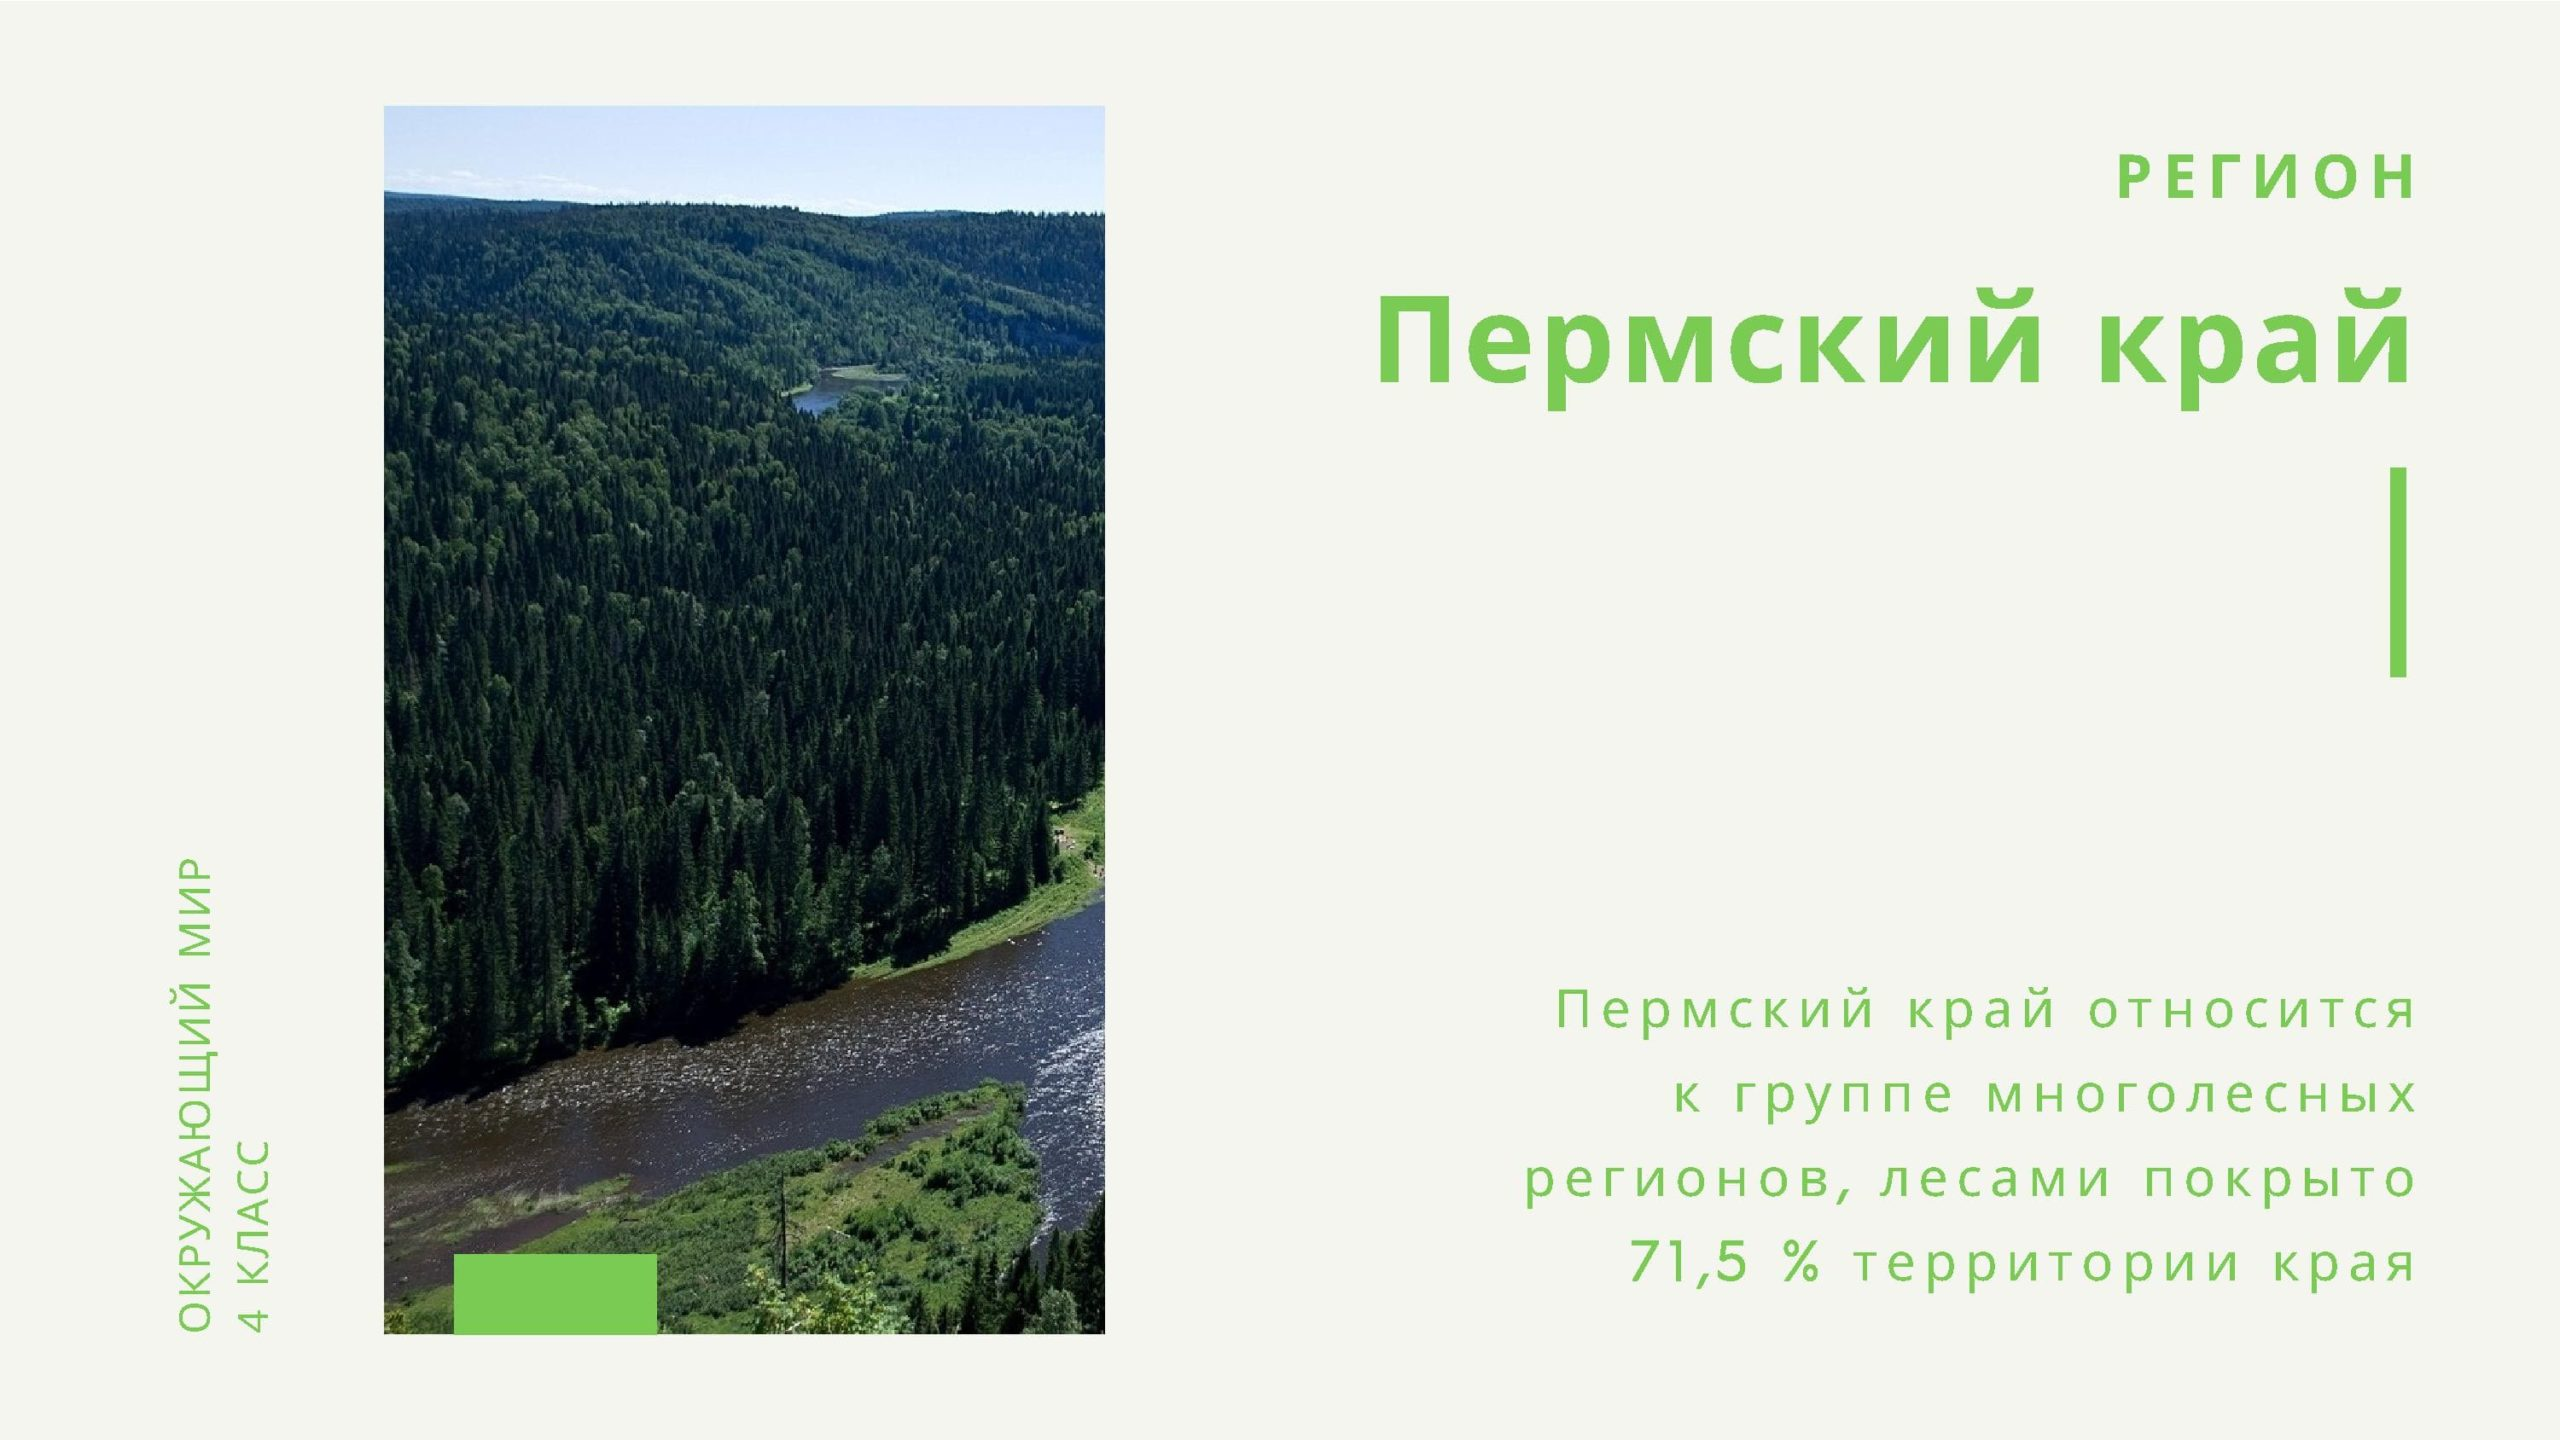 Пермский край относится к группе многолесных регионов